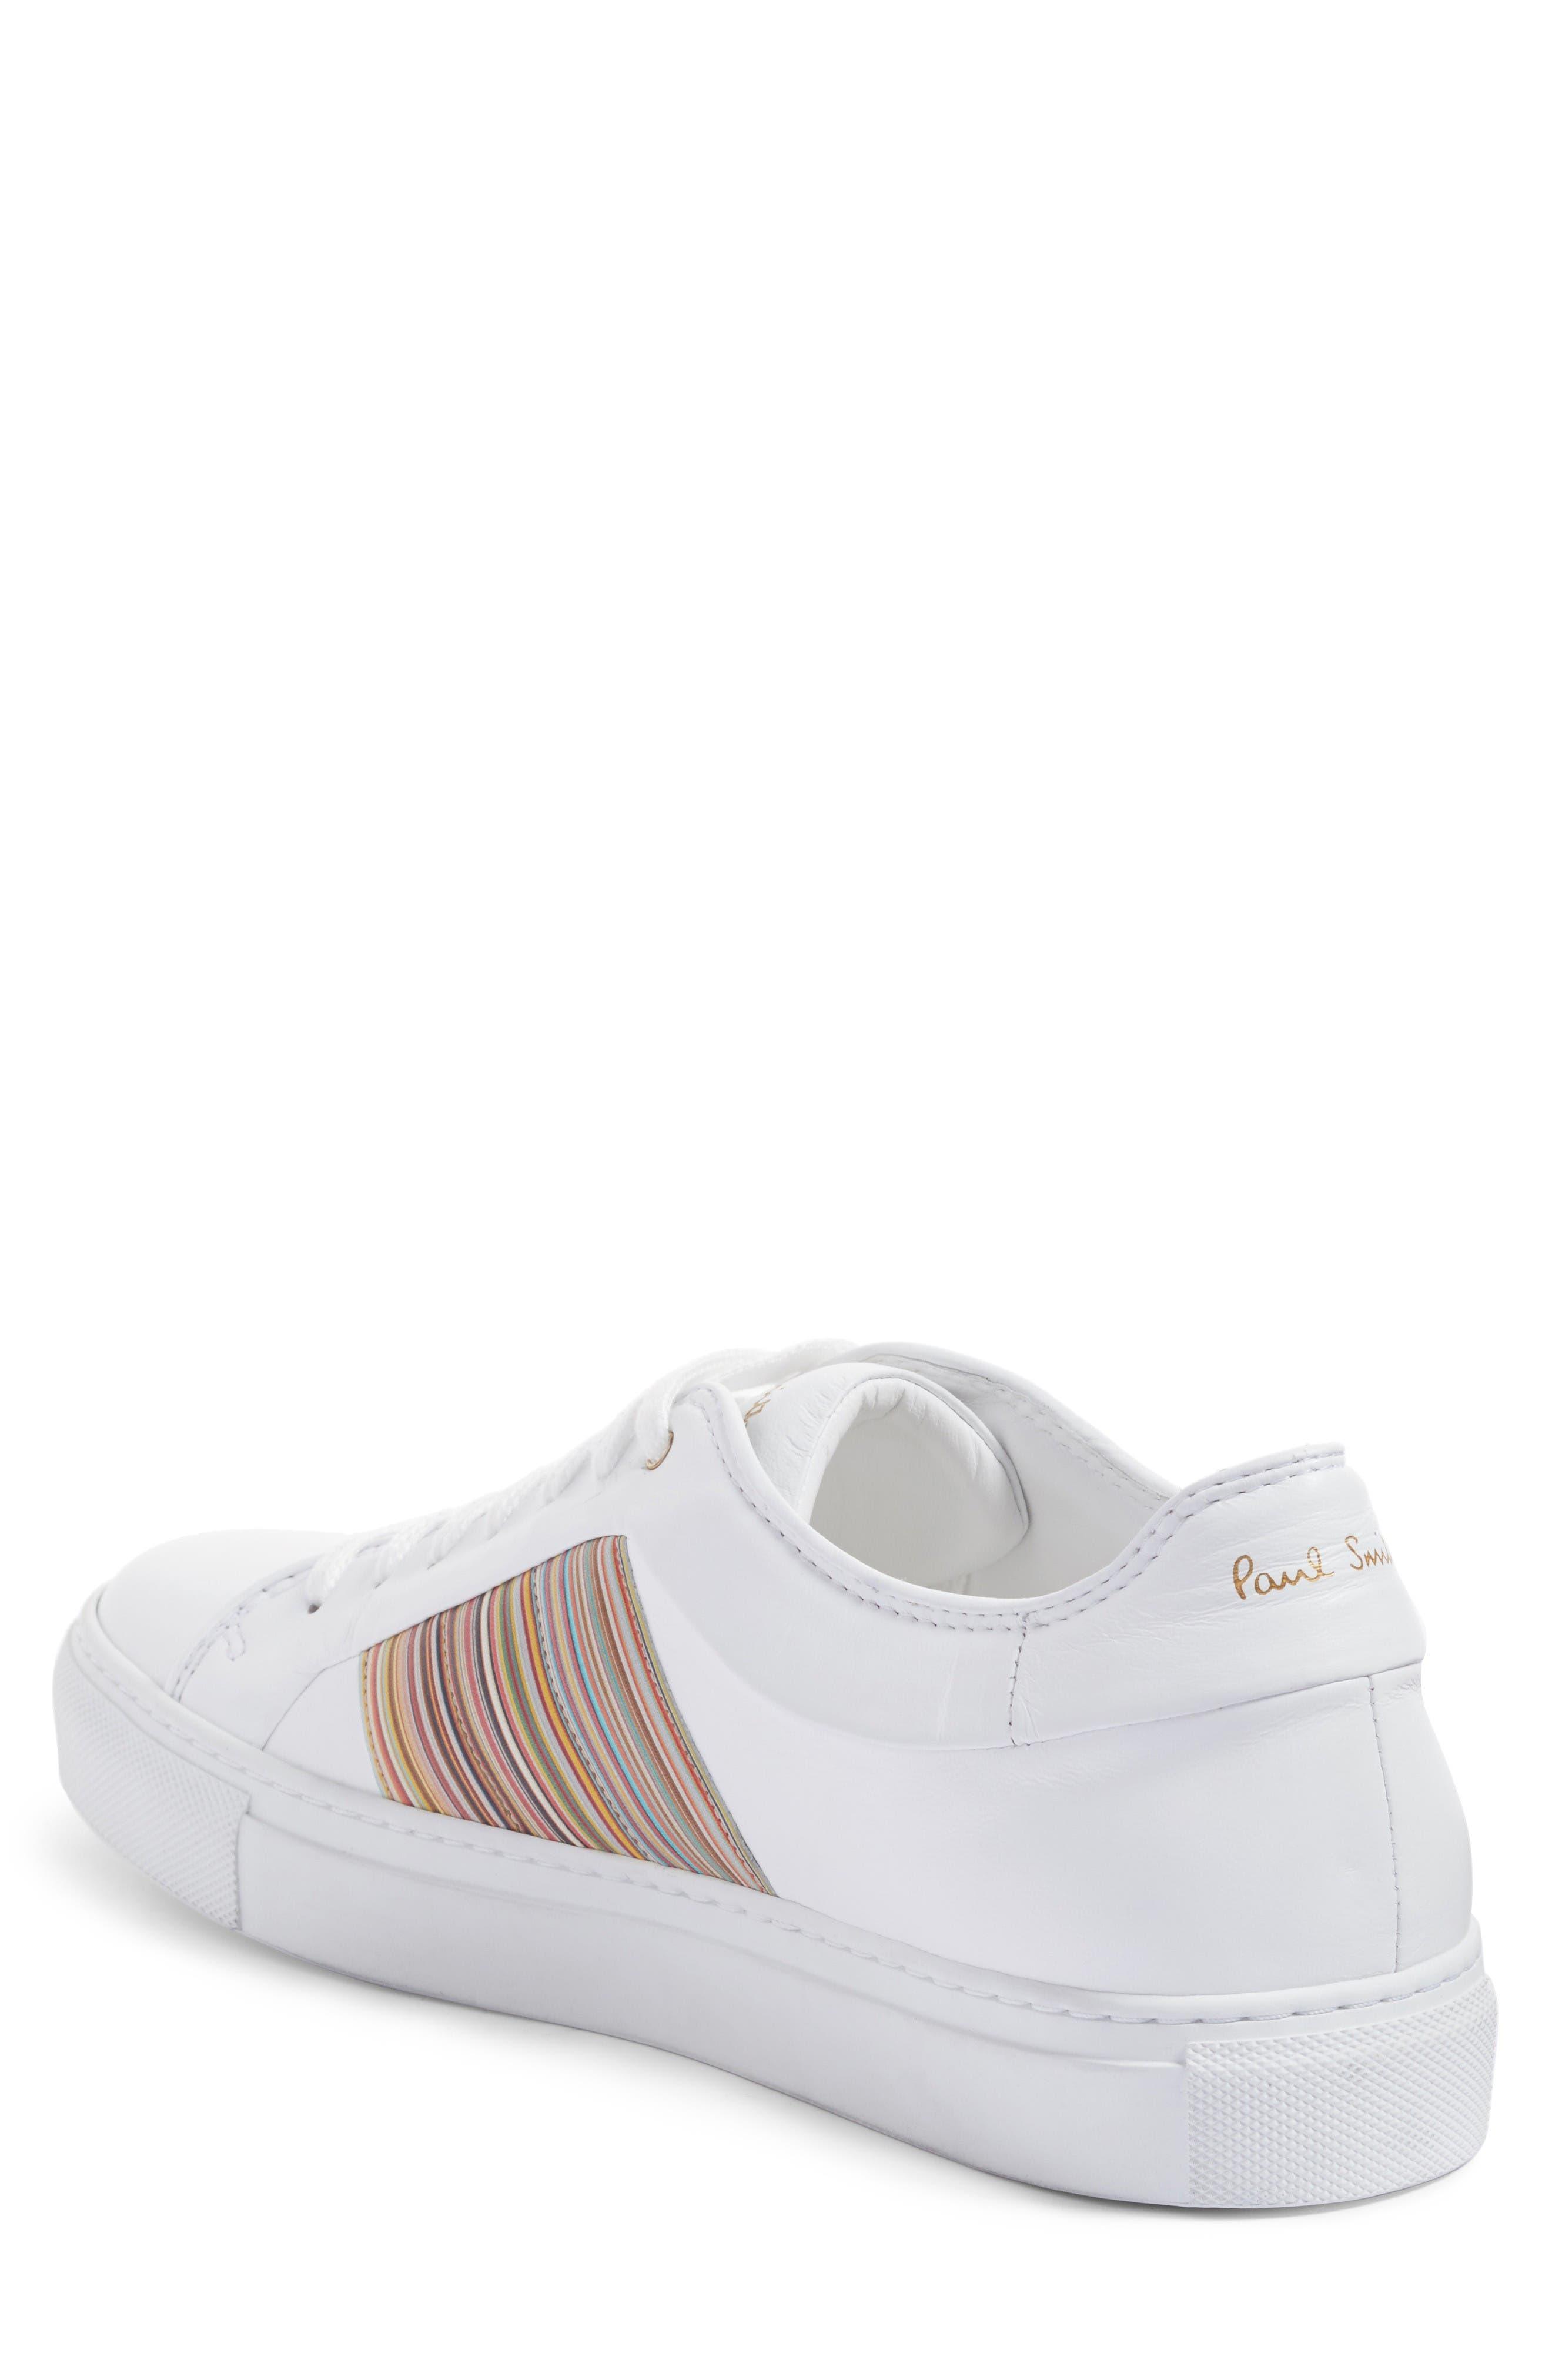 Ivo Sneaker,                             Alternate thumbnail 2, color,                             White